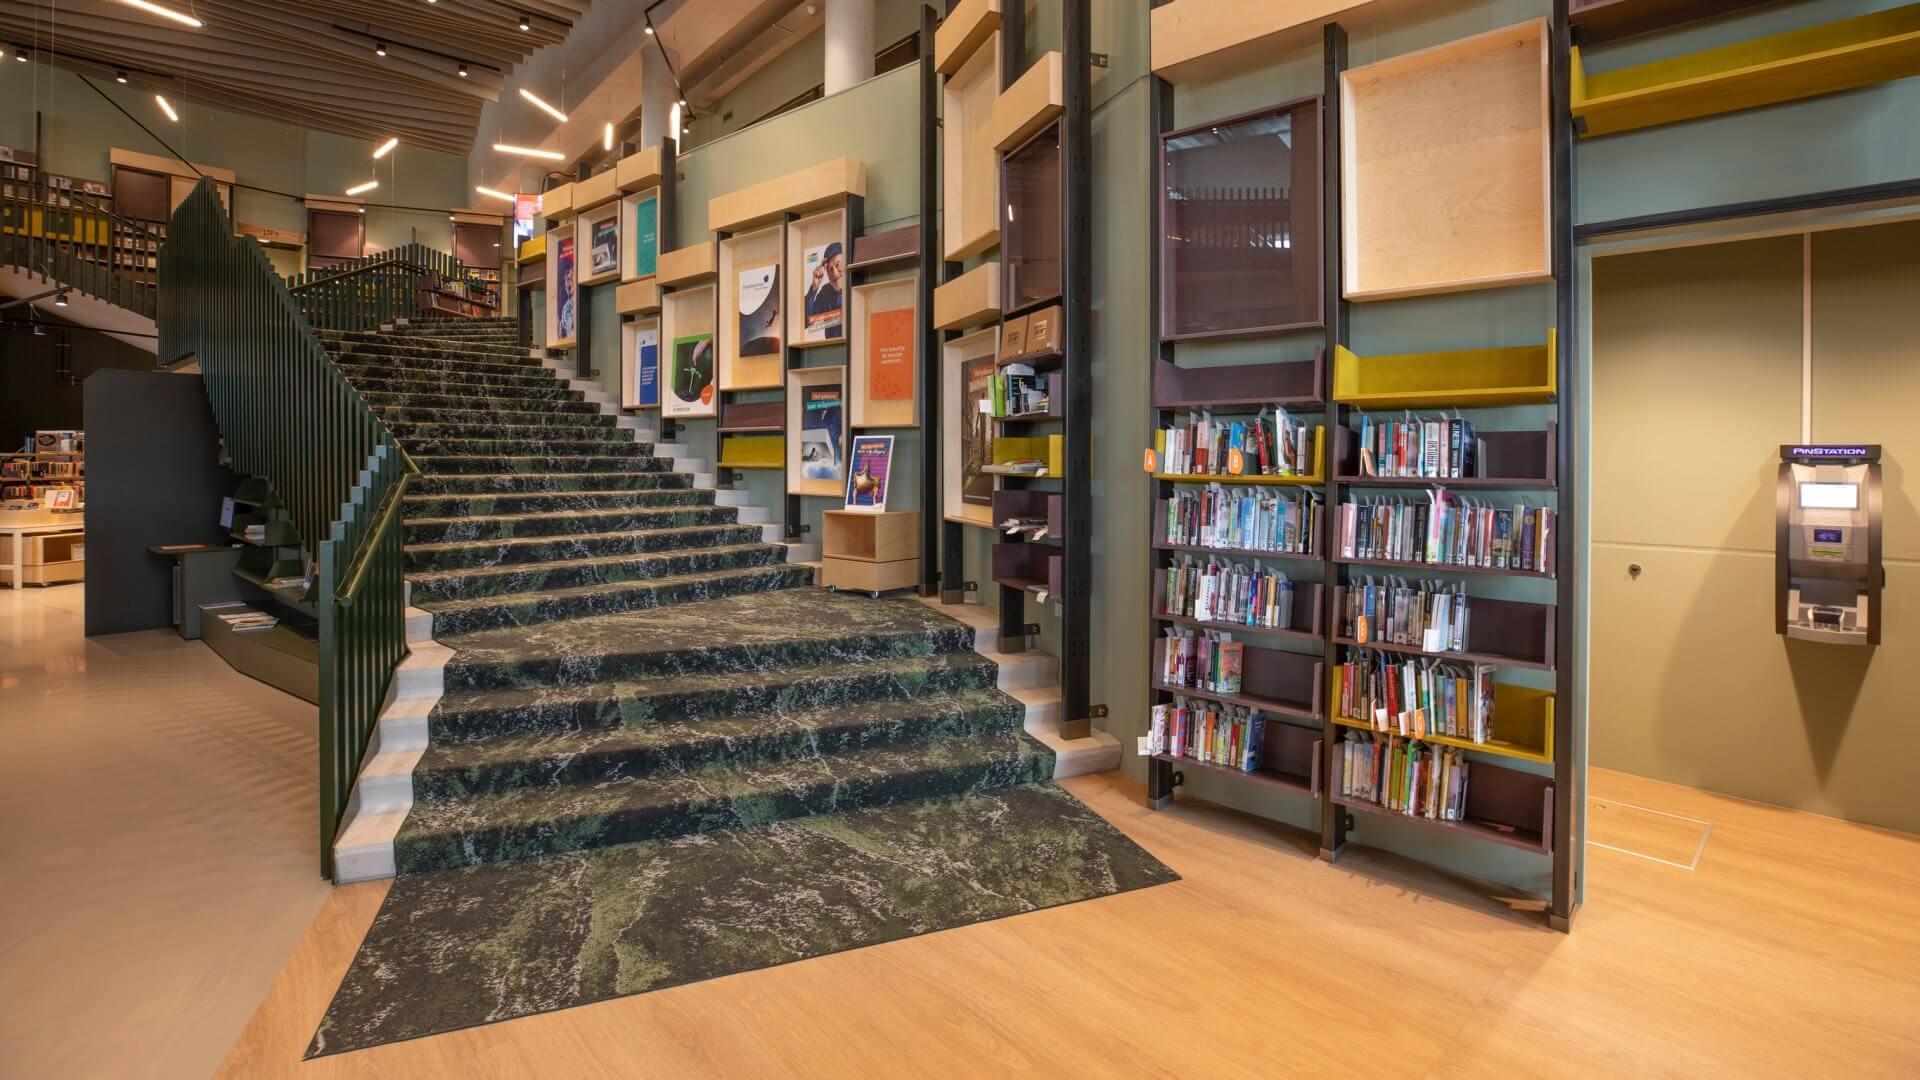 7. Alphen BibliotheekJPG